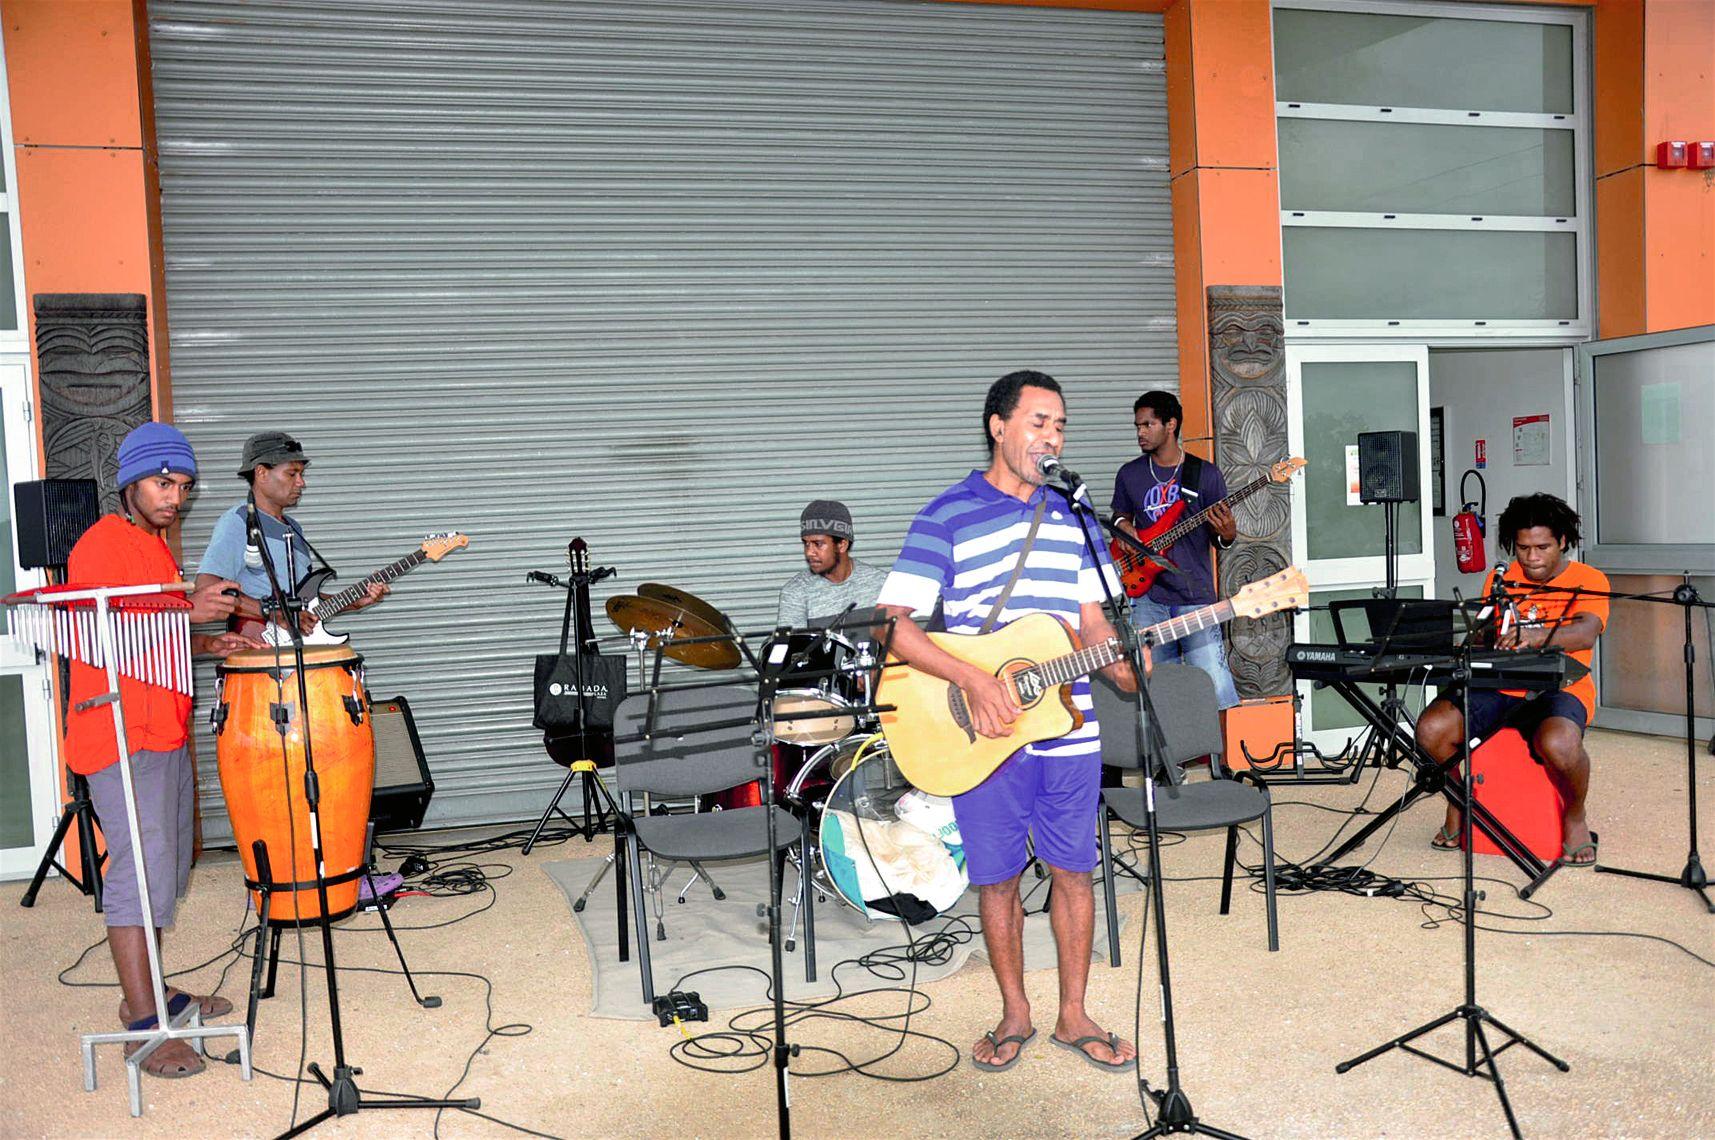 Ce groupe constitué de musiciens intervenants et d'anciens élèves de l'antenne, a interprété des compositions de Joël (soliste) en langue de Koumac dédiées aux mamans.